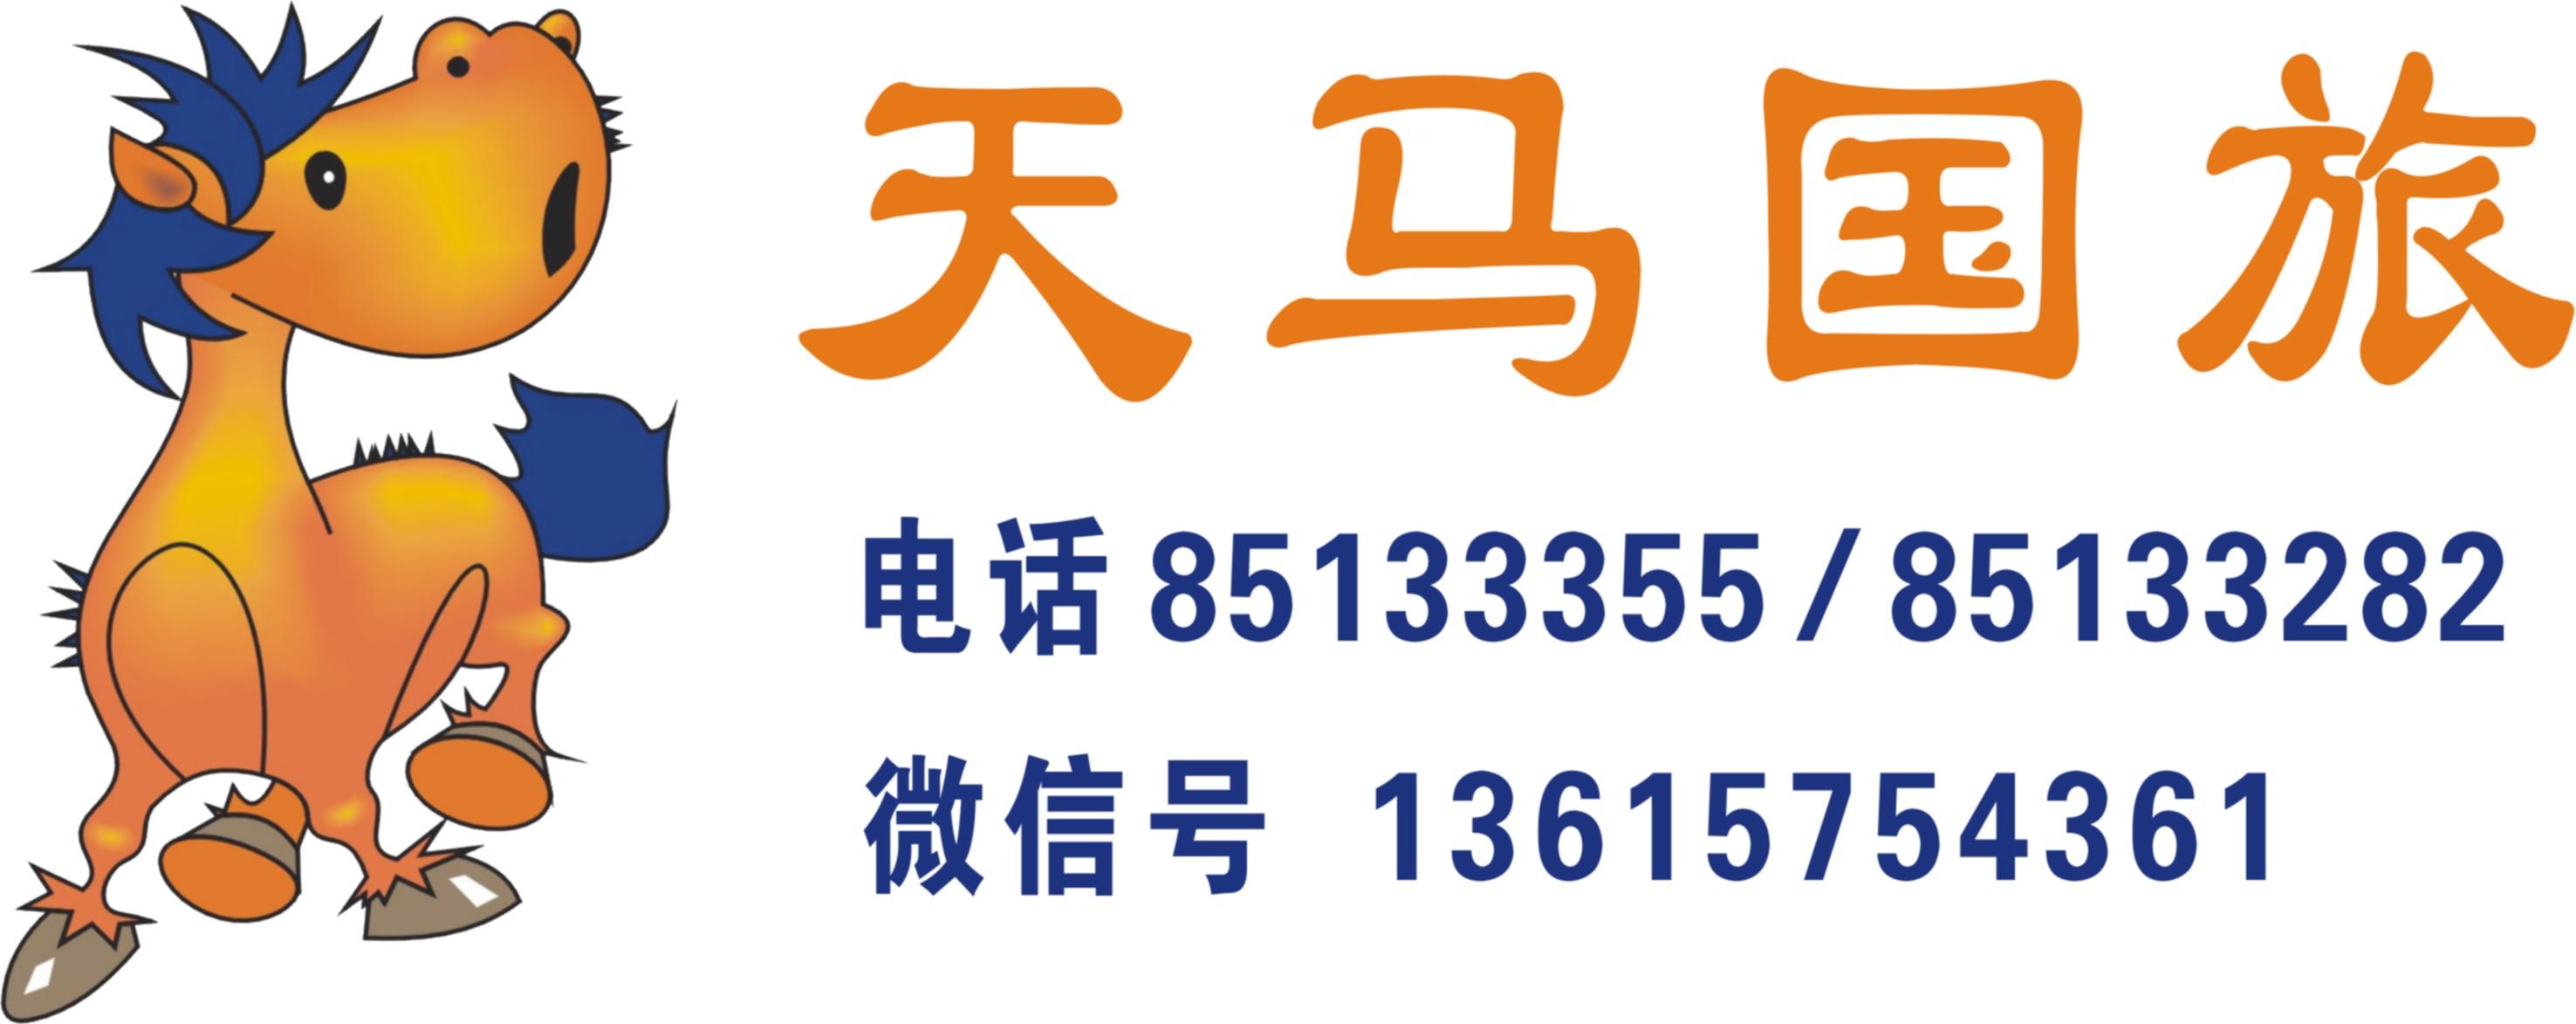 10月【千人游山东 日照、青岛、威海、蓬莱、连云港5日】